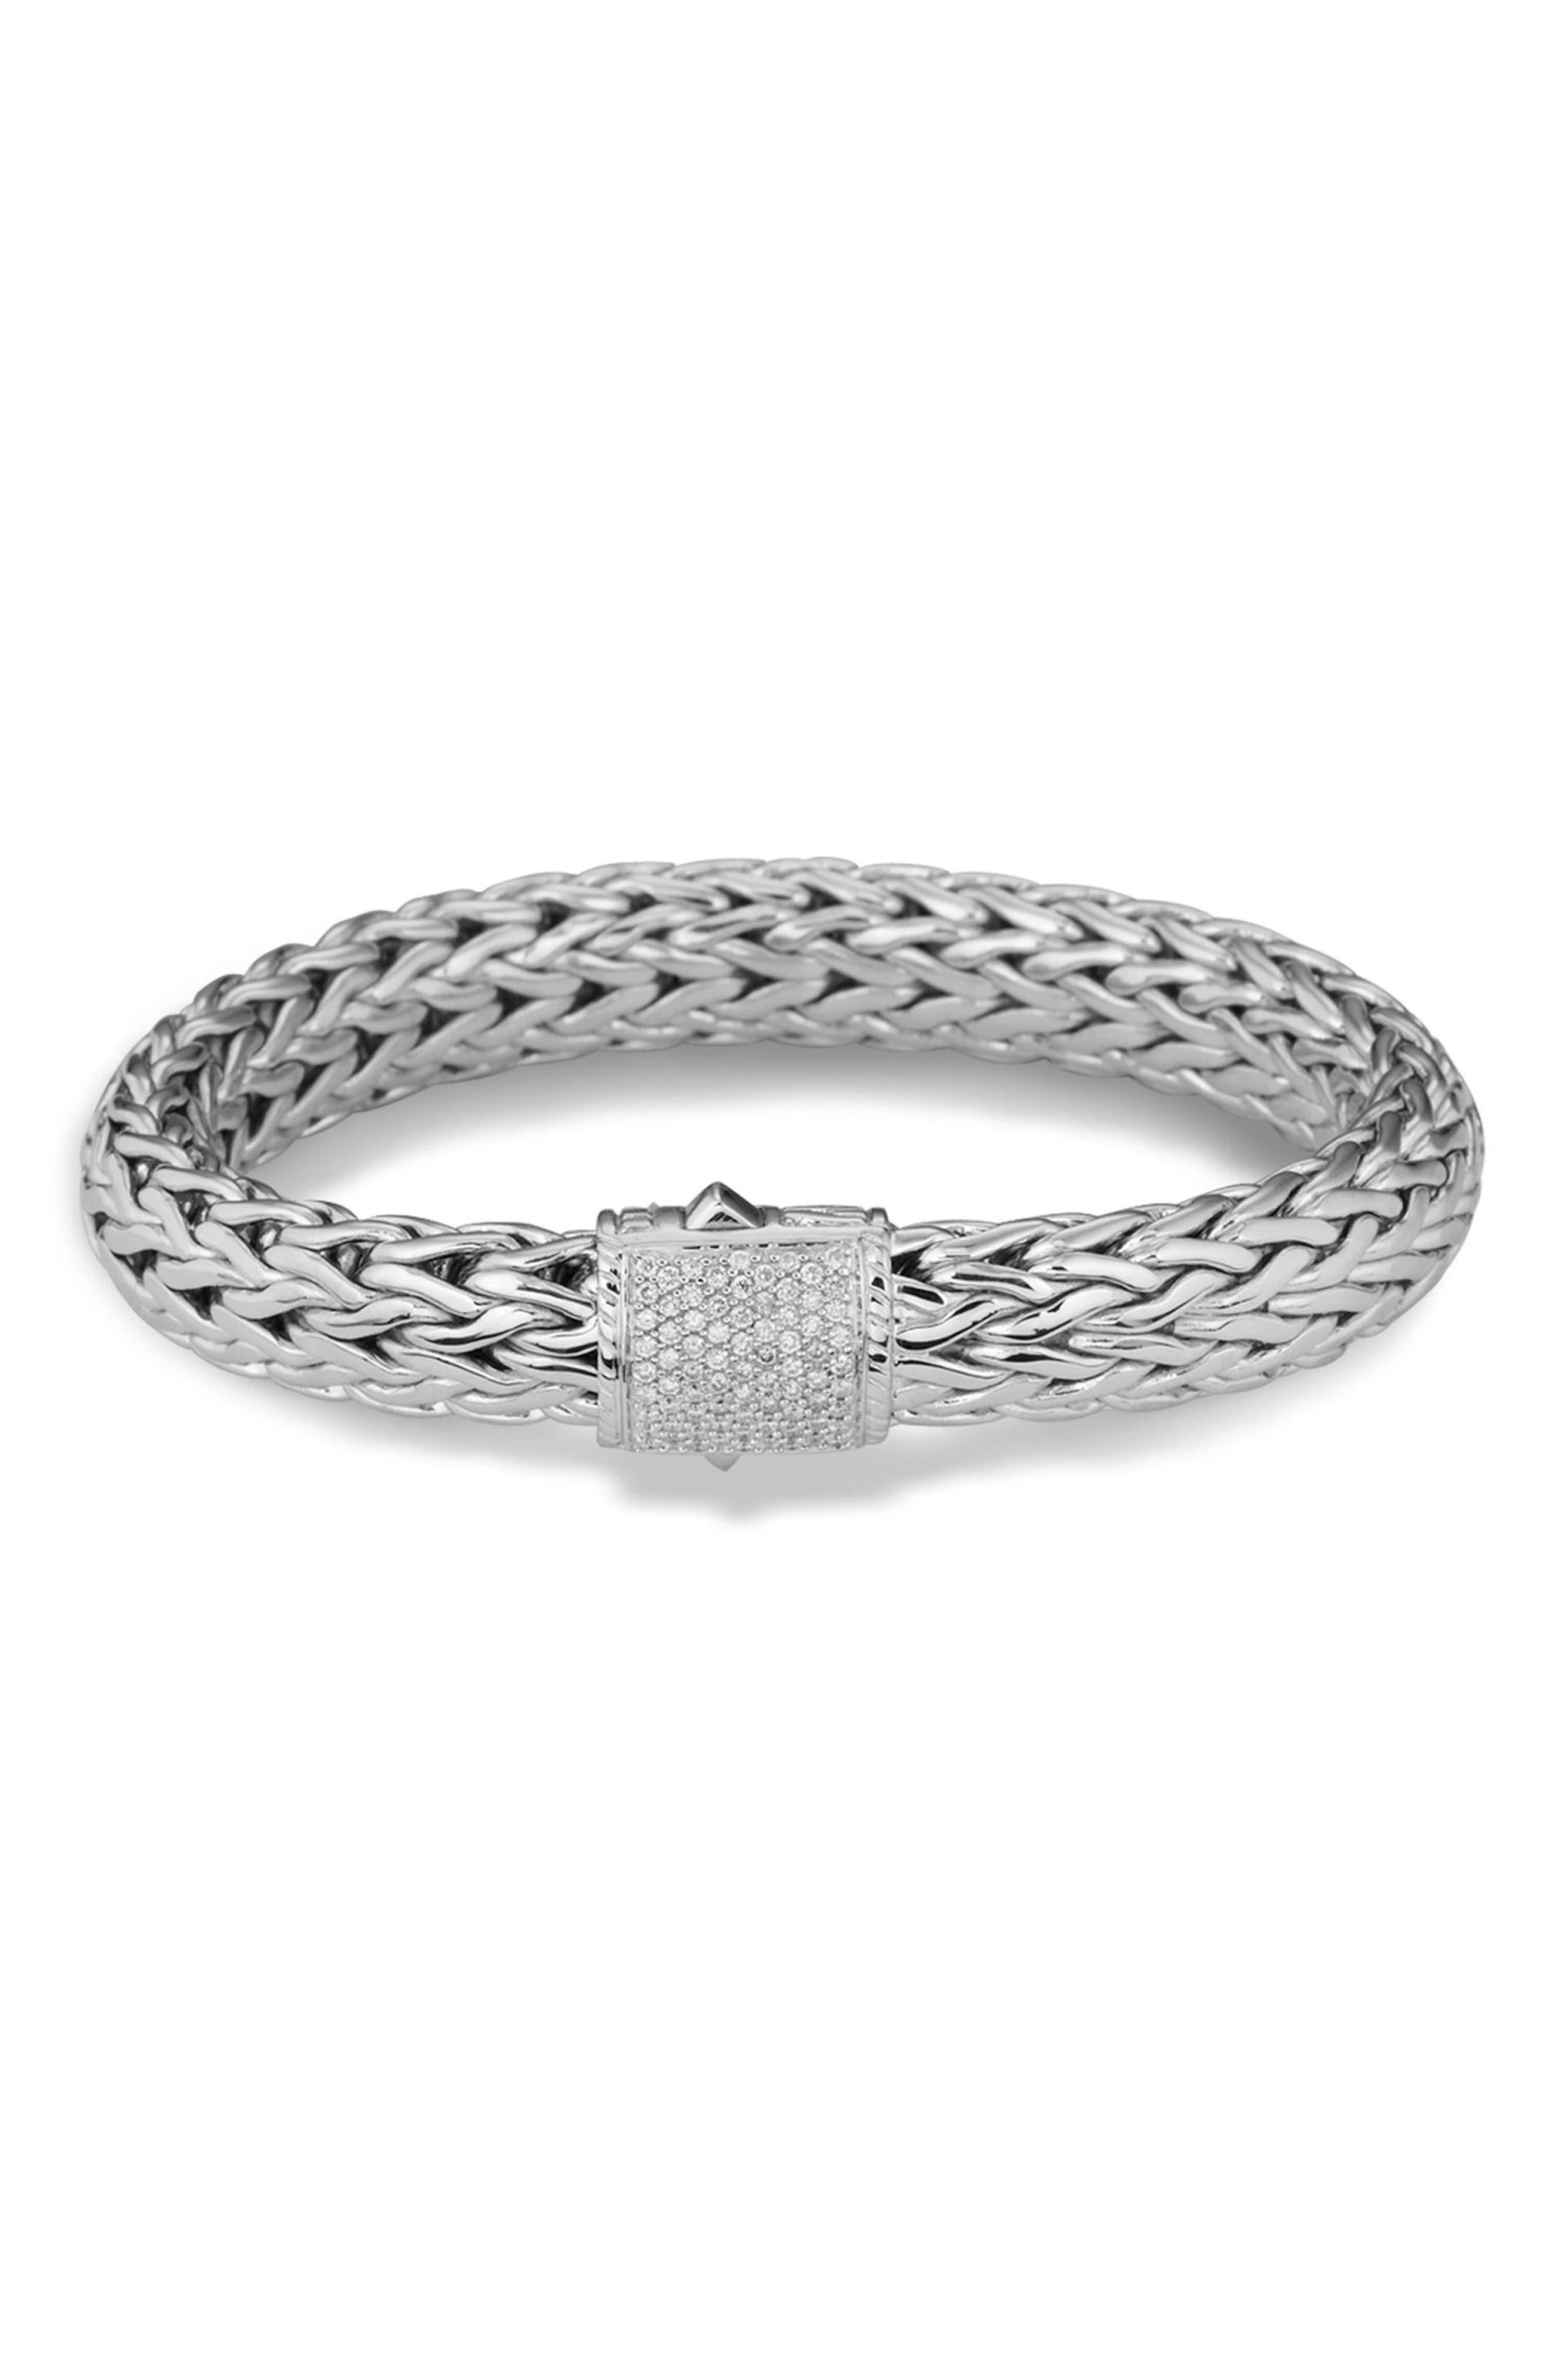 Classic Chain Bracelet with Pavé Diamonds,                             Main thumbnail 1, color,                             SILVER/ DIAMOND